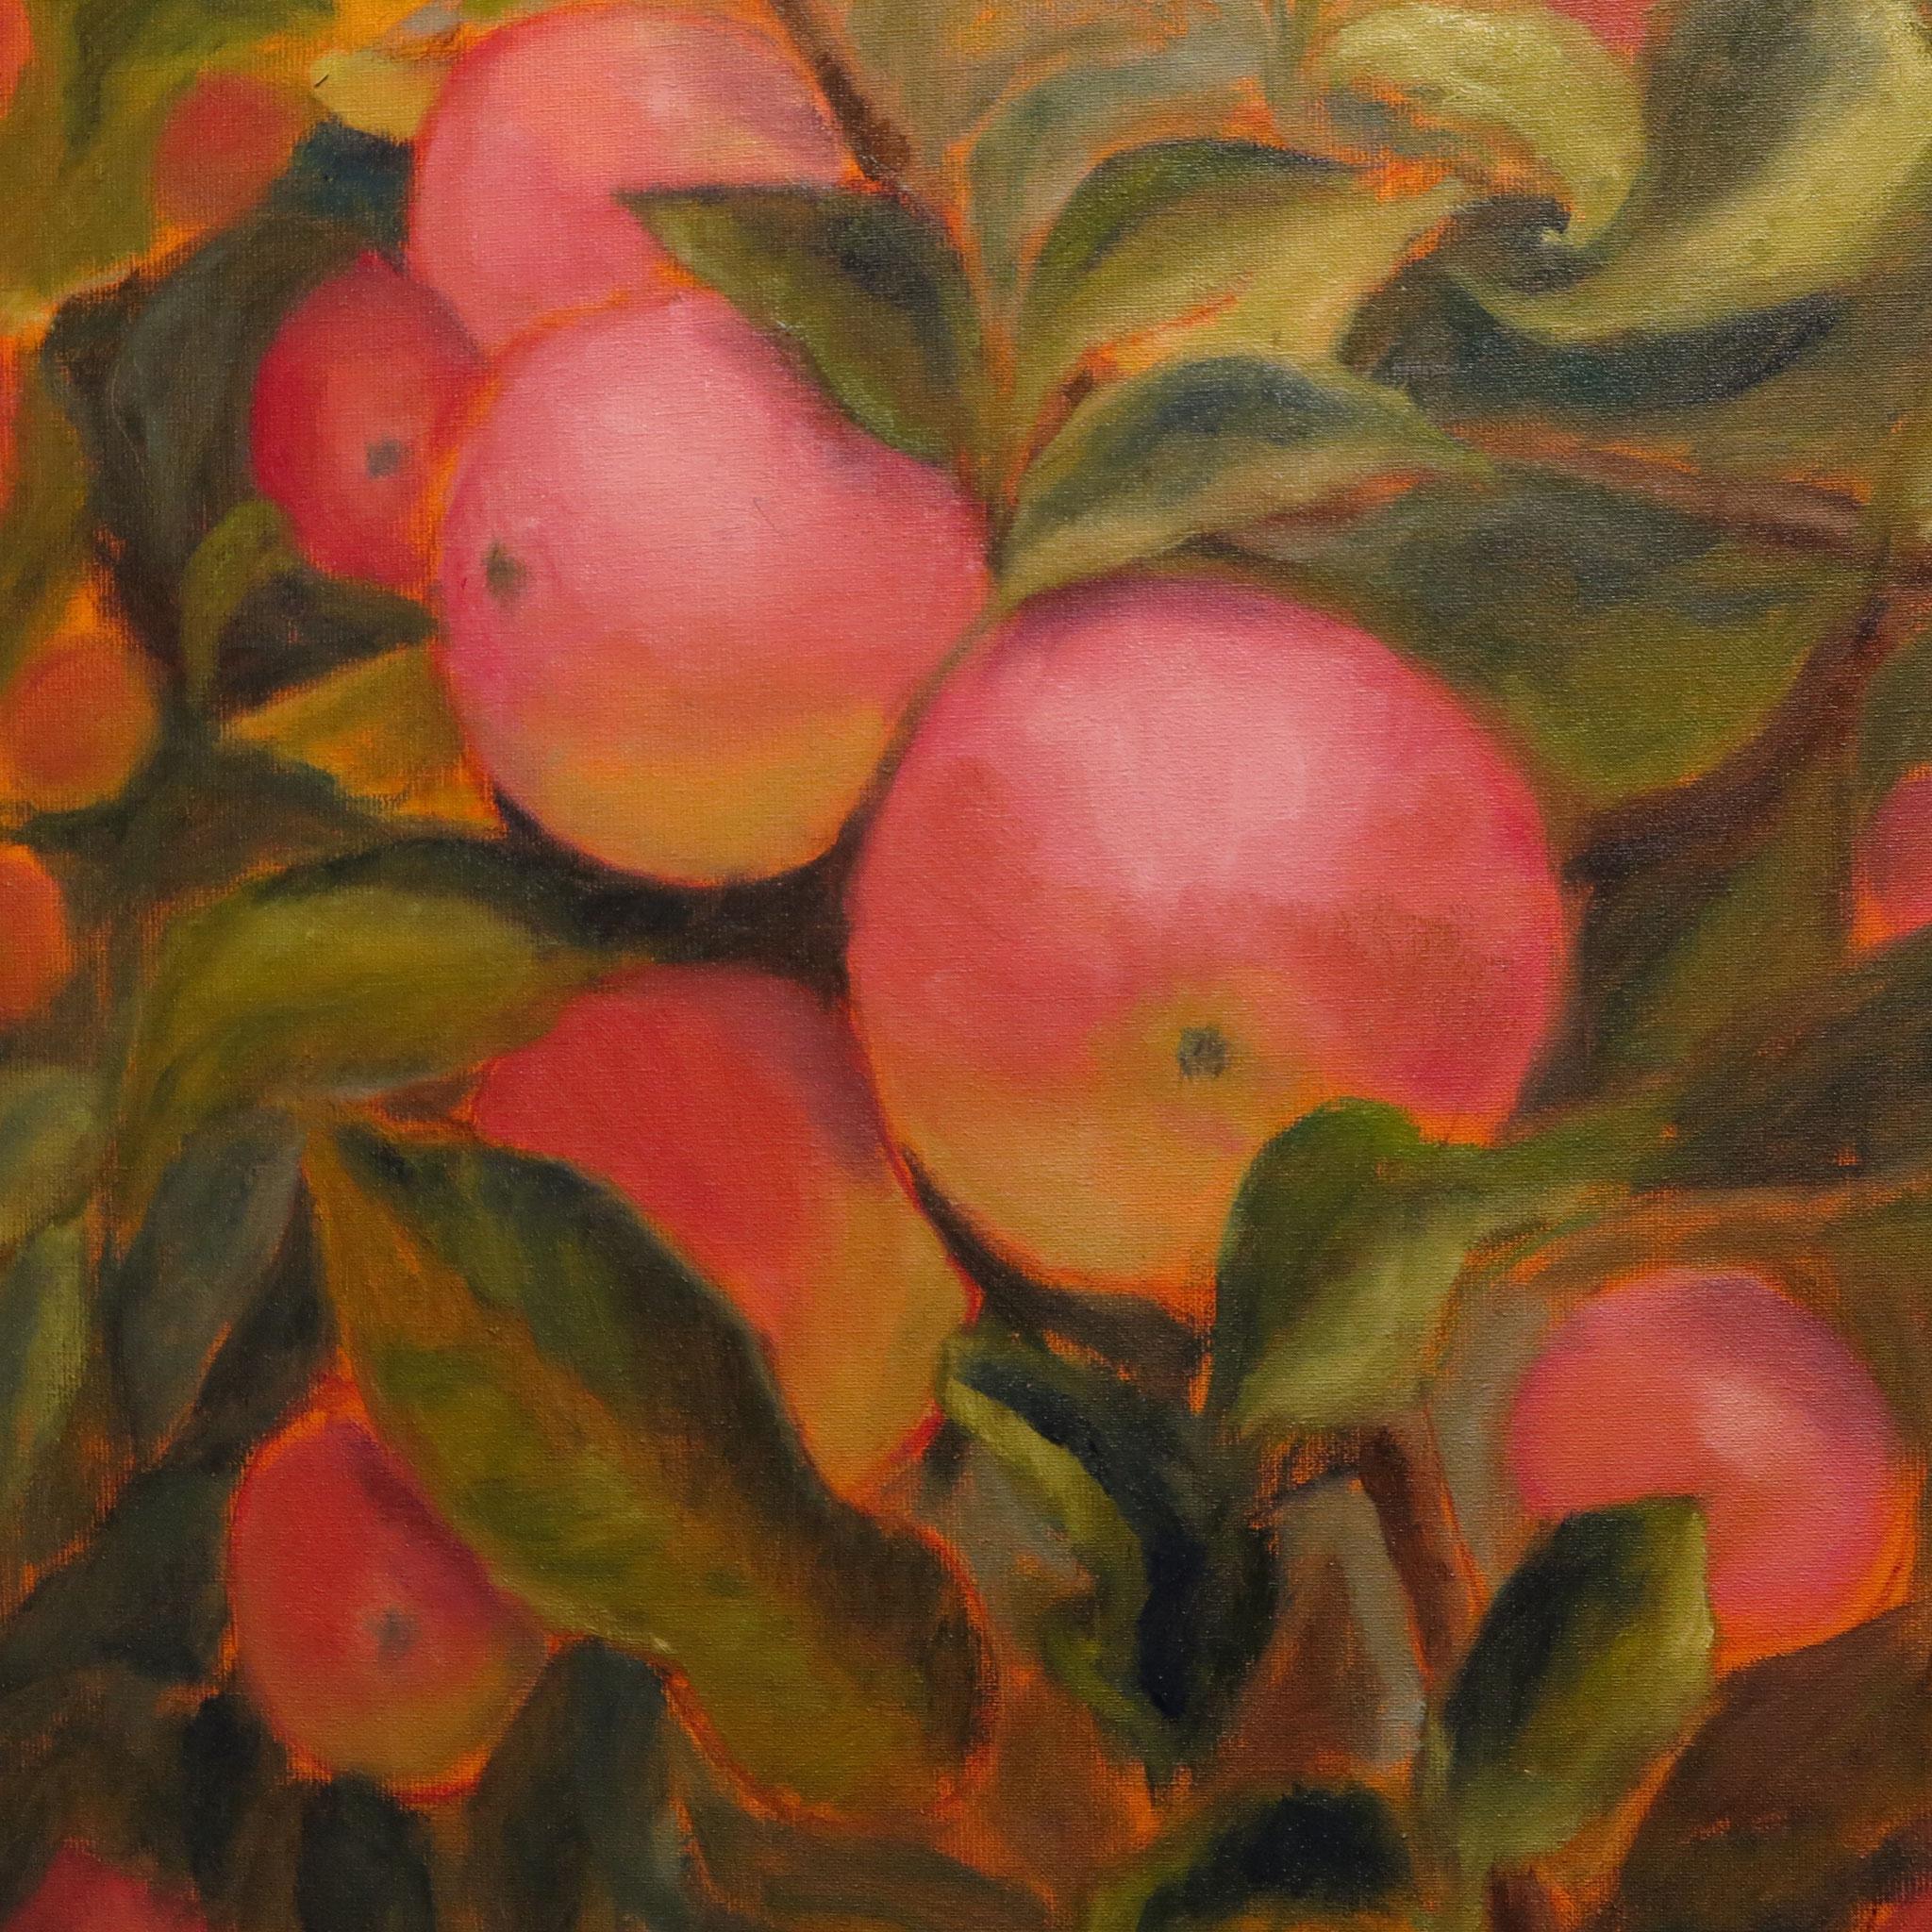 VERKOCHT Grote roze appels. 60x60cm. olie op linnen. 2019.